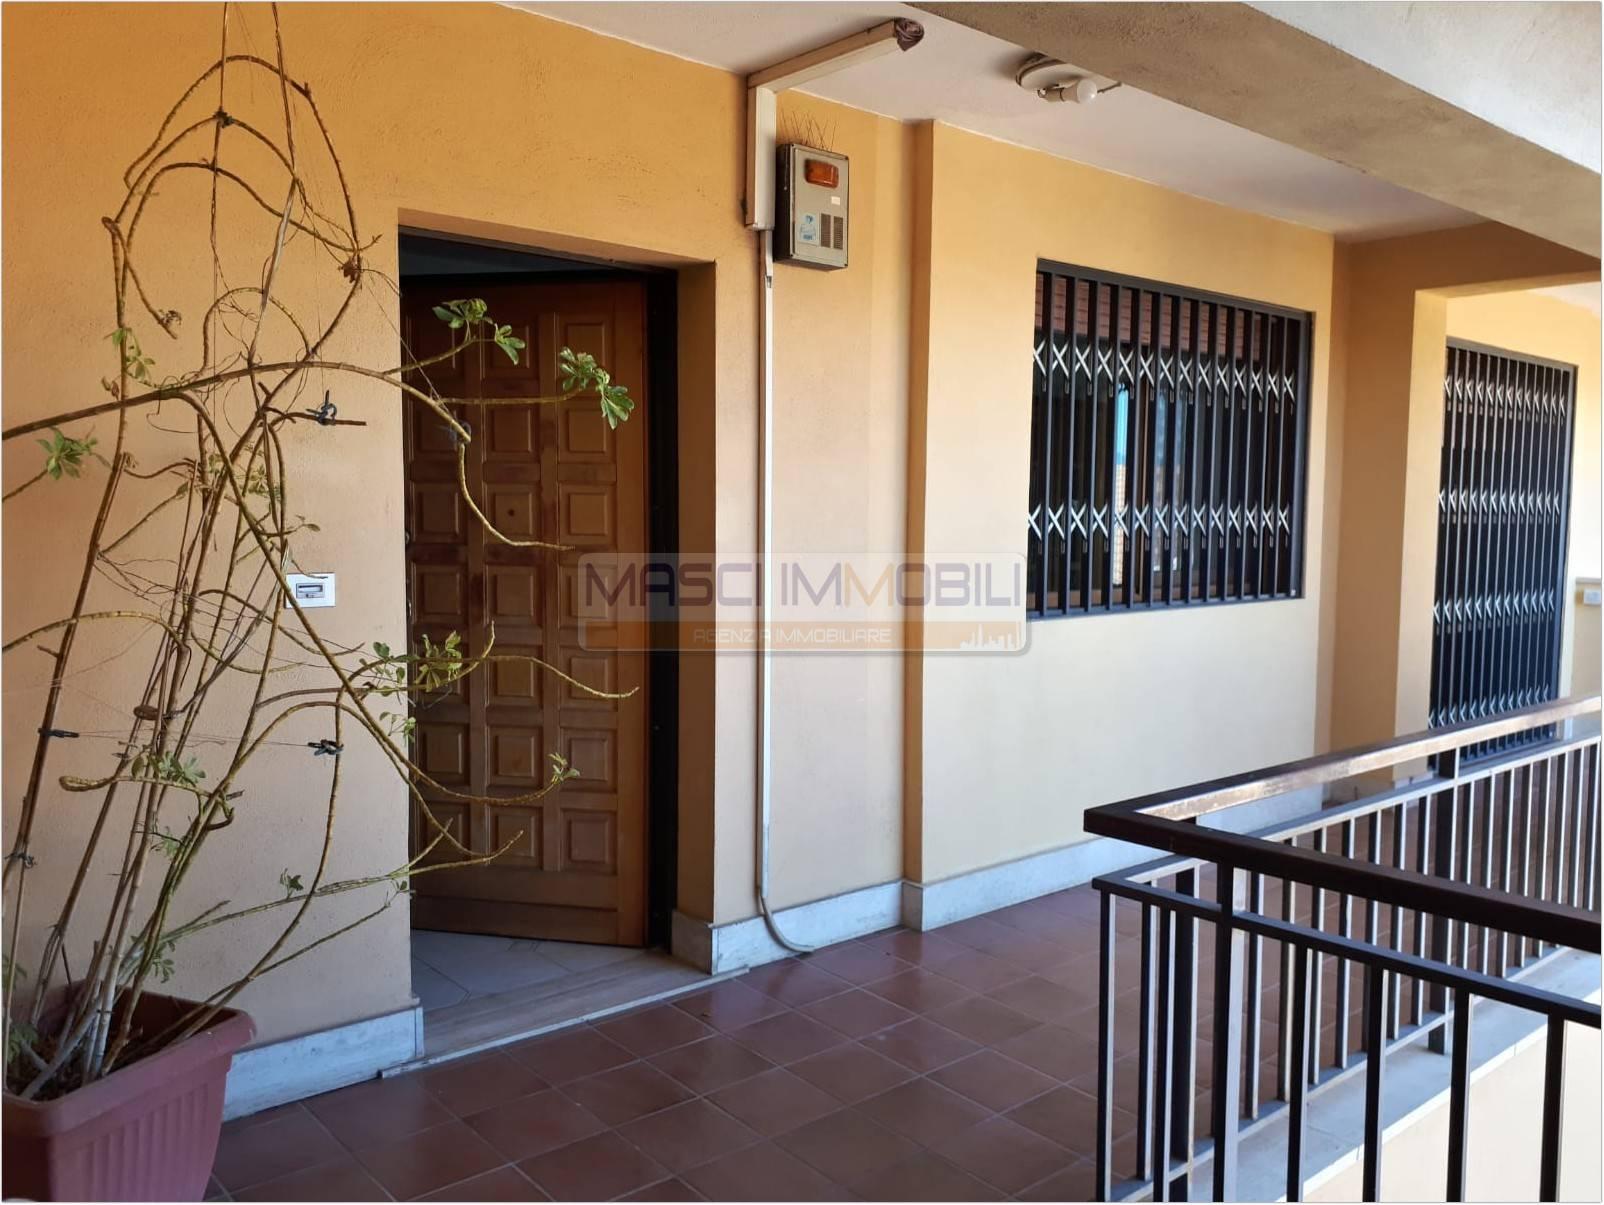 Appartamento in vendita a Fiano Romano, 5 locali, prezzo € 185.000   PortaleAgenzieImmobiliari.it